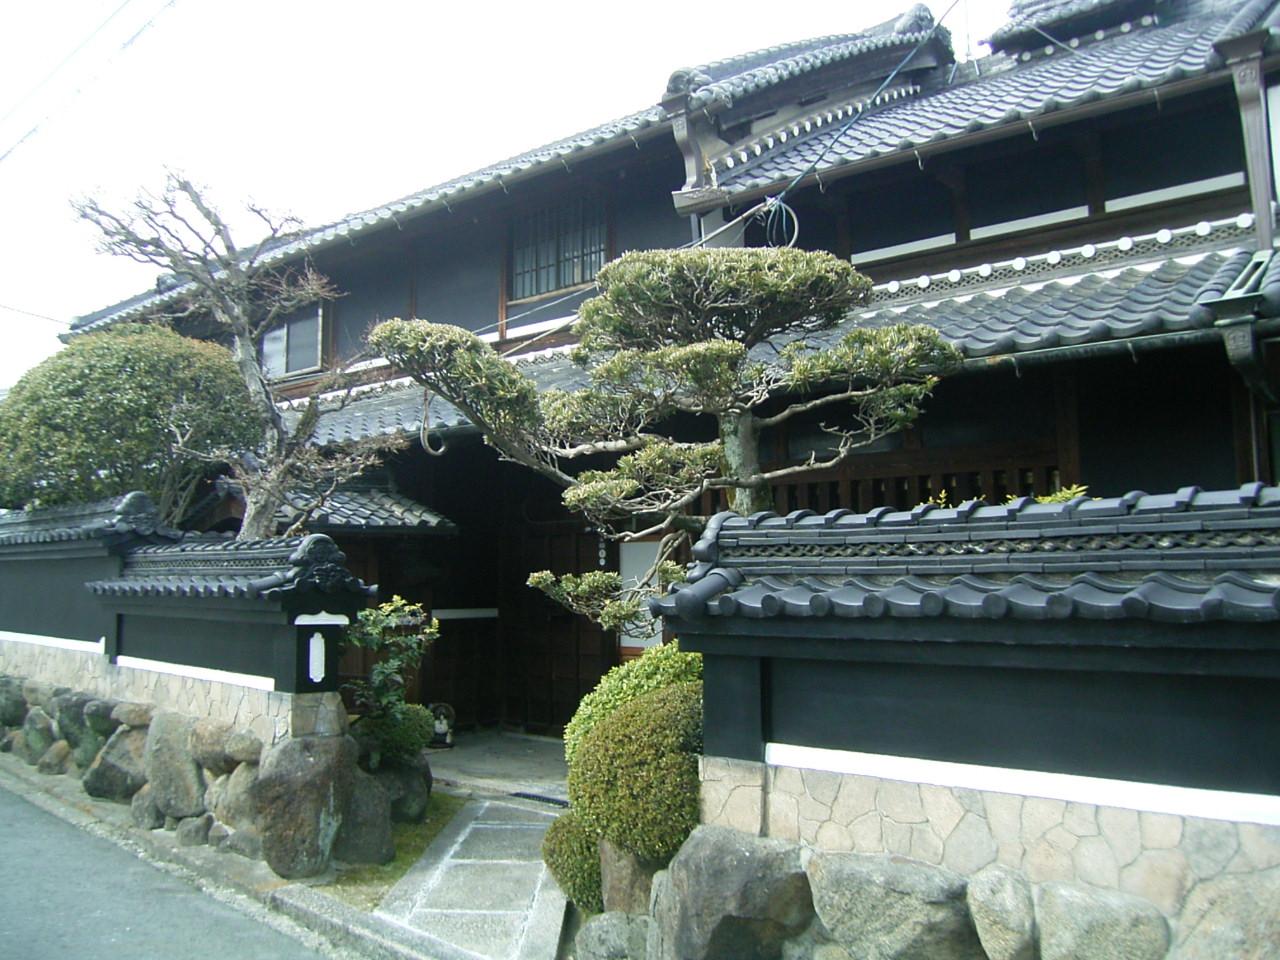 黒を基調としたシックな瓦葺古民家、大黒柱・梁太く、改装済みですぐ生活可能。大阪・奈良通勤可能 ◎